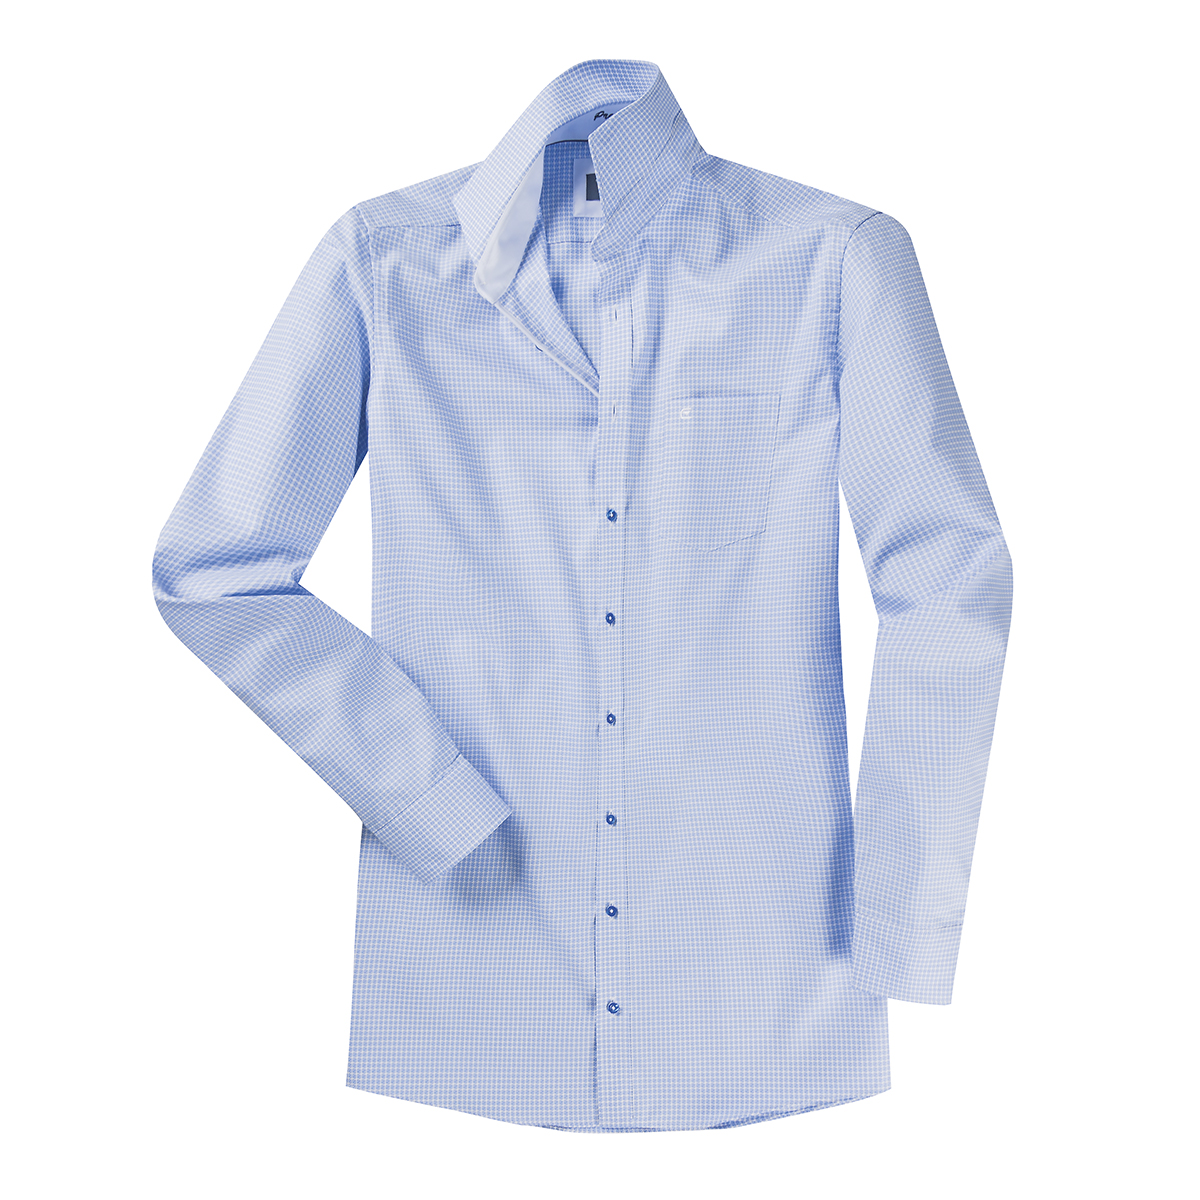 bergr en b gelfreies hemd extra langer arm blau wei. Black Bedroom Furniture Sets. Home Design Ideas